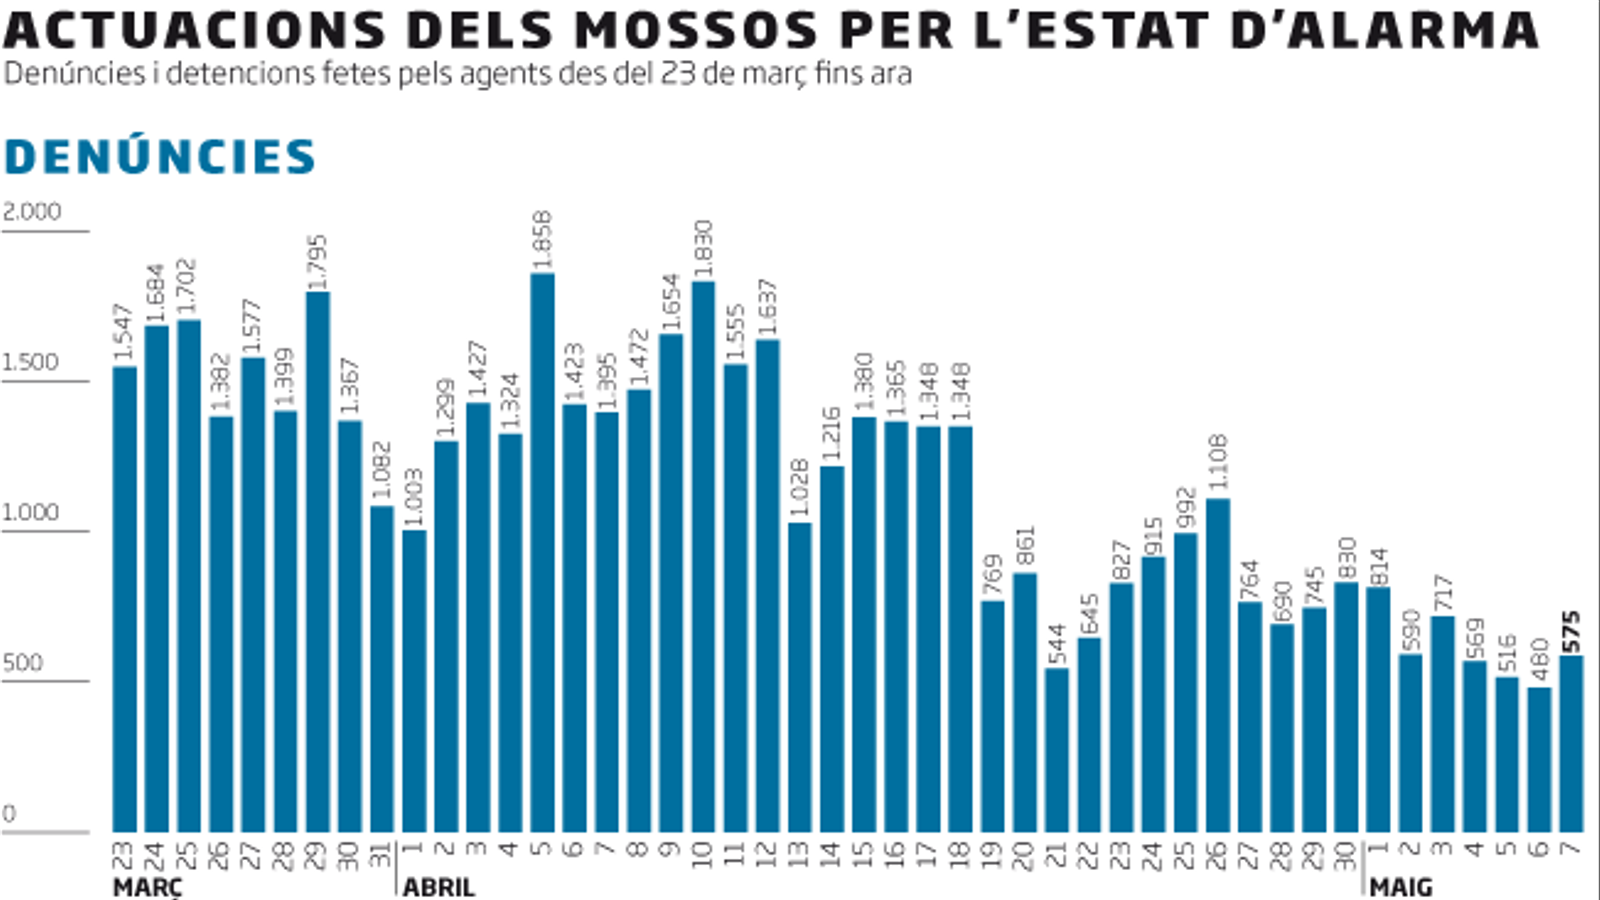 Les denúncies dels Mossos cauen a mínims en ple conflicte amb el Govern